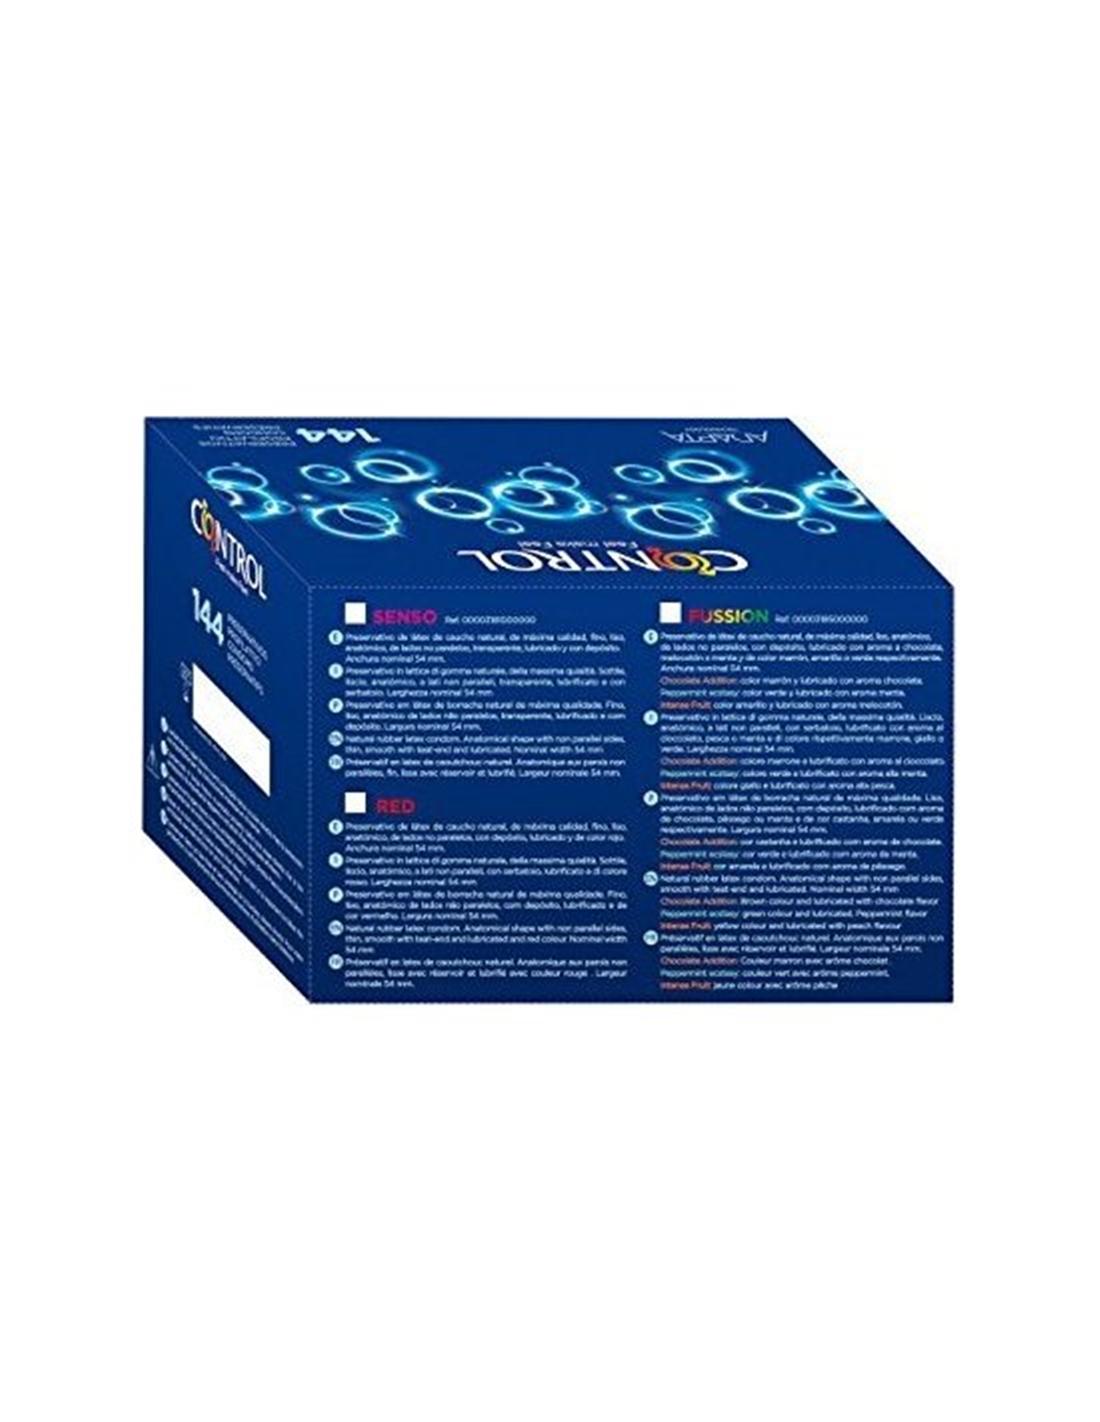 Preservativos Control Morango Caixa Profissional 144 Uds - PR2010346619